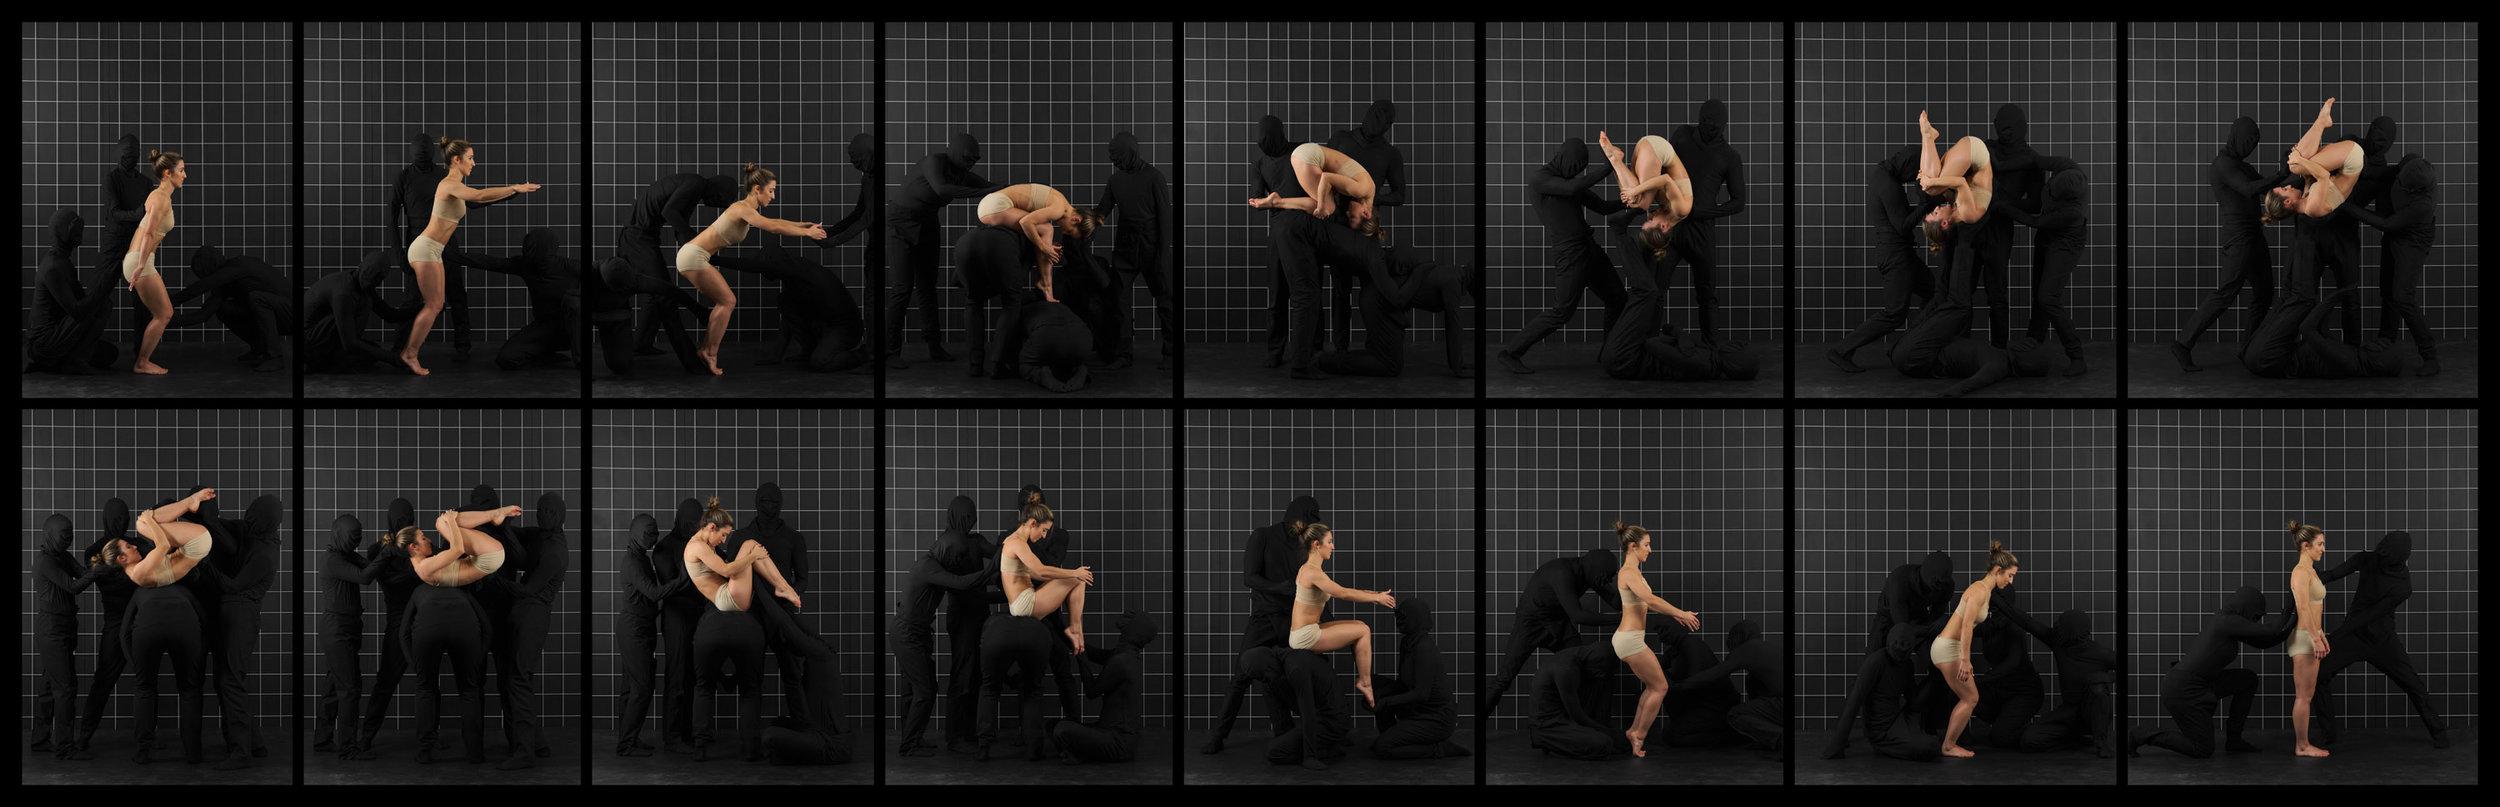 """After Muybridge (Front Flip)  2016, archival pigment print 46.5 x 143.5 cm (18.25"""" x 56.5"""")  93 x 287 cm (36.5"""" x 113"""") Editions of 2"""